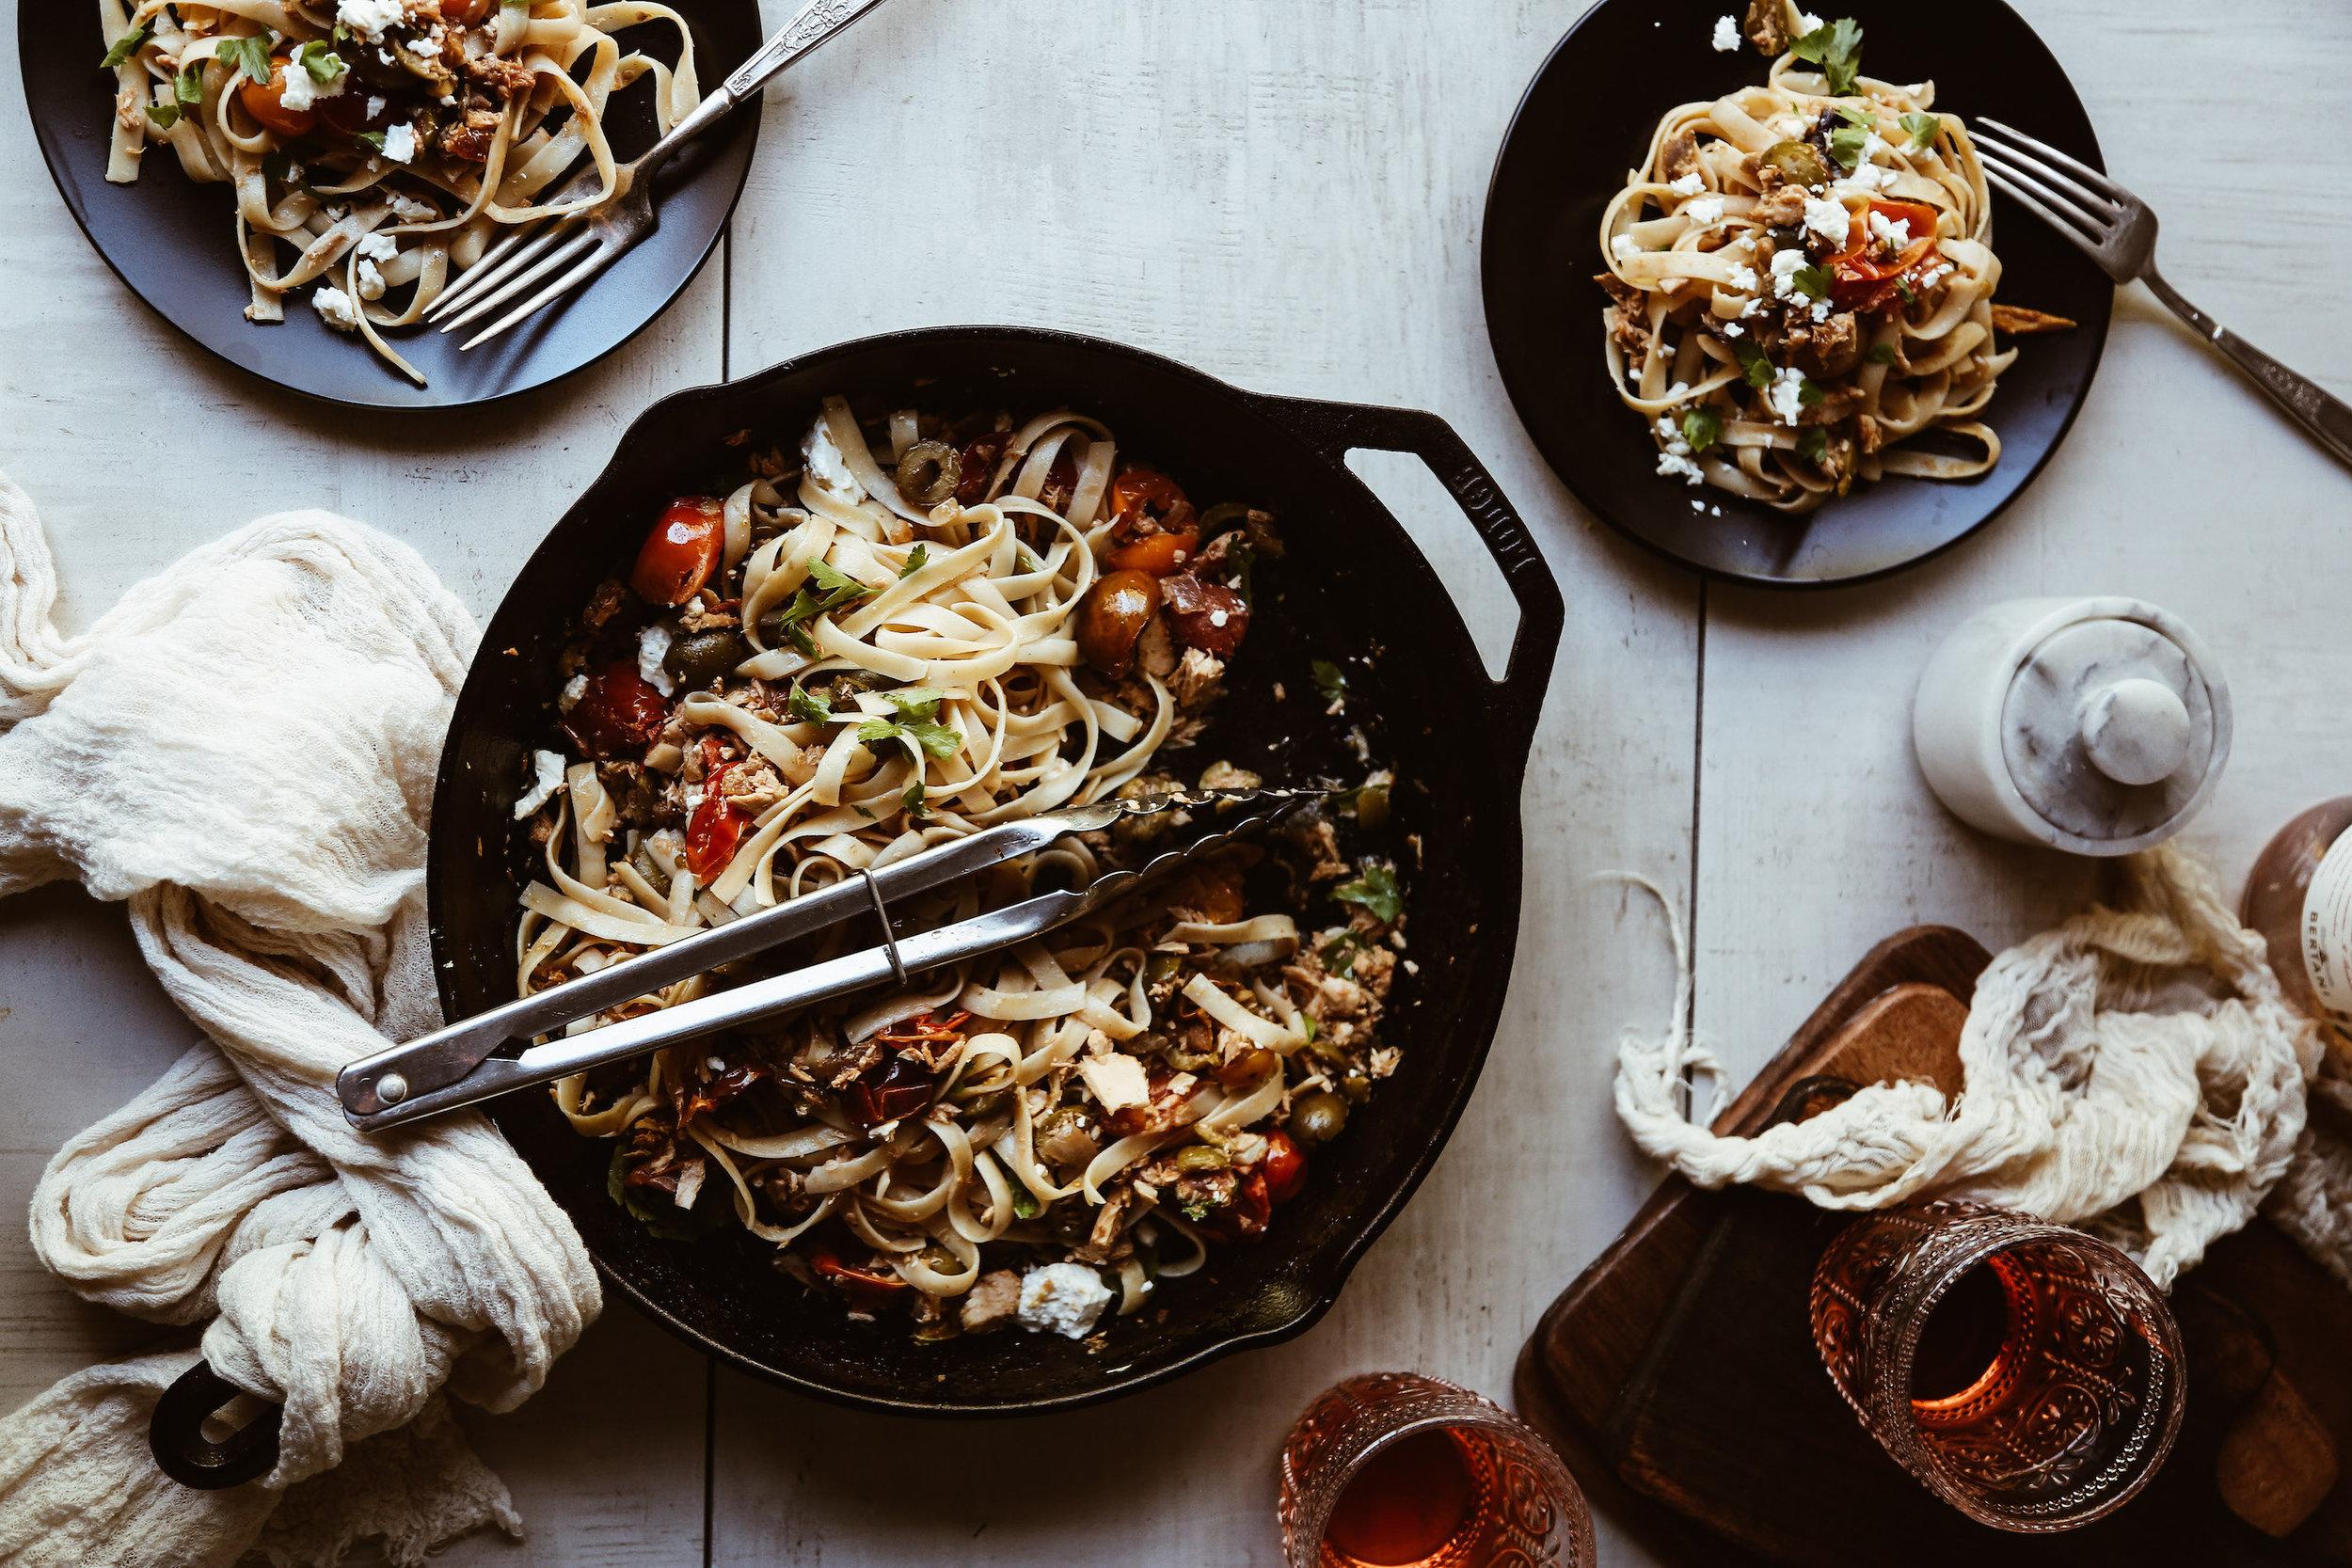 Mediterranean Tuna Pasta - serves 4-6